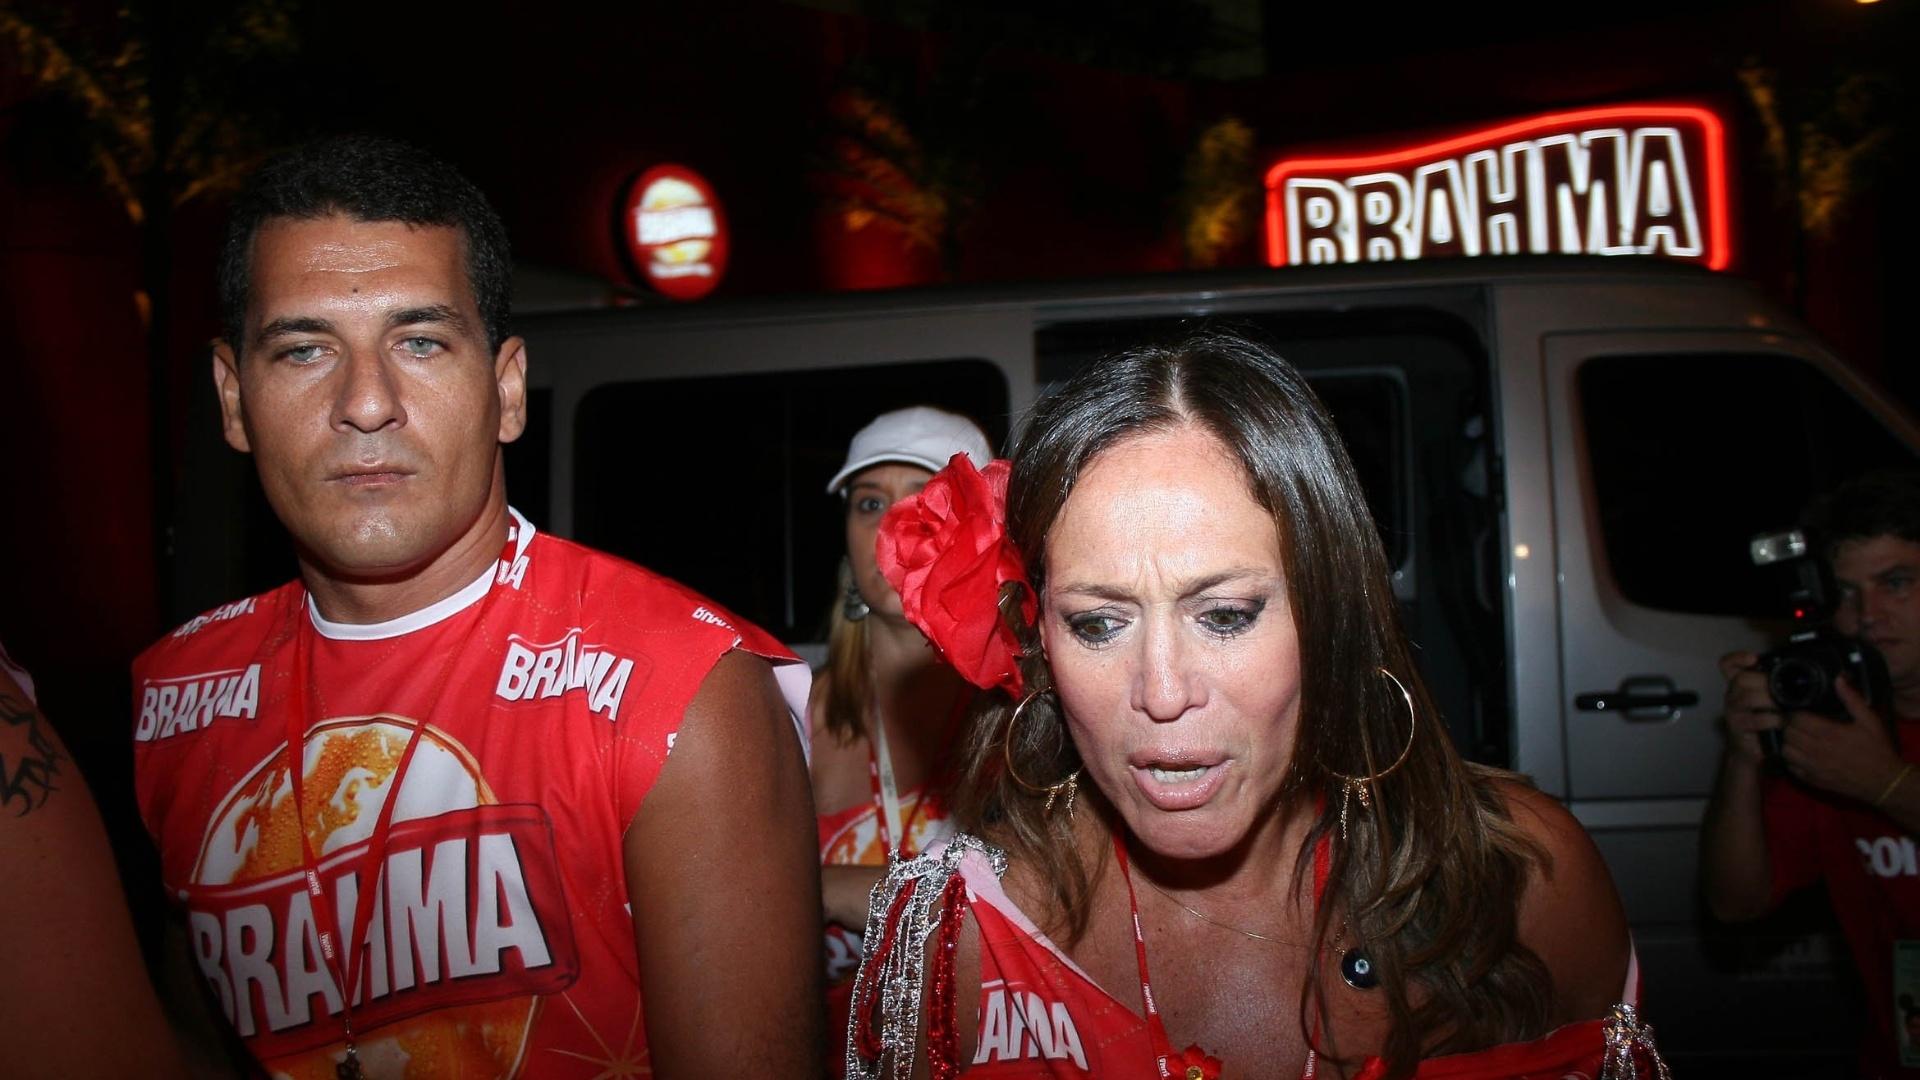 A atriz Susana Vieira e o marido Marcelo Silva no camarote da Brahma durante o desfile das escolas de samba do Rio de Janeiro (19/2/2007)